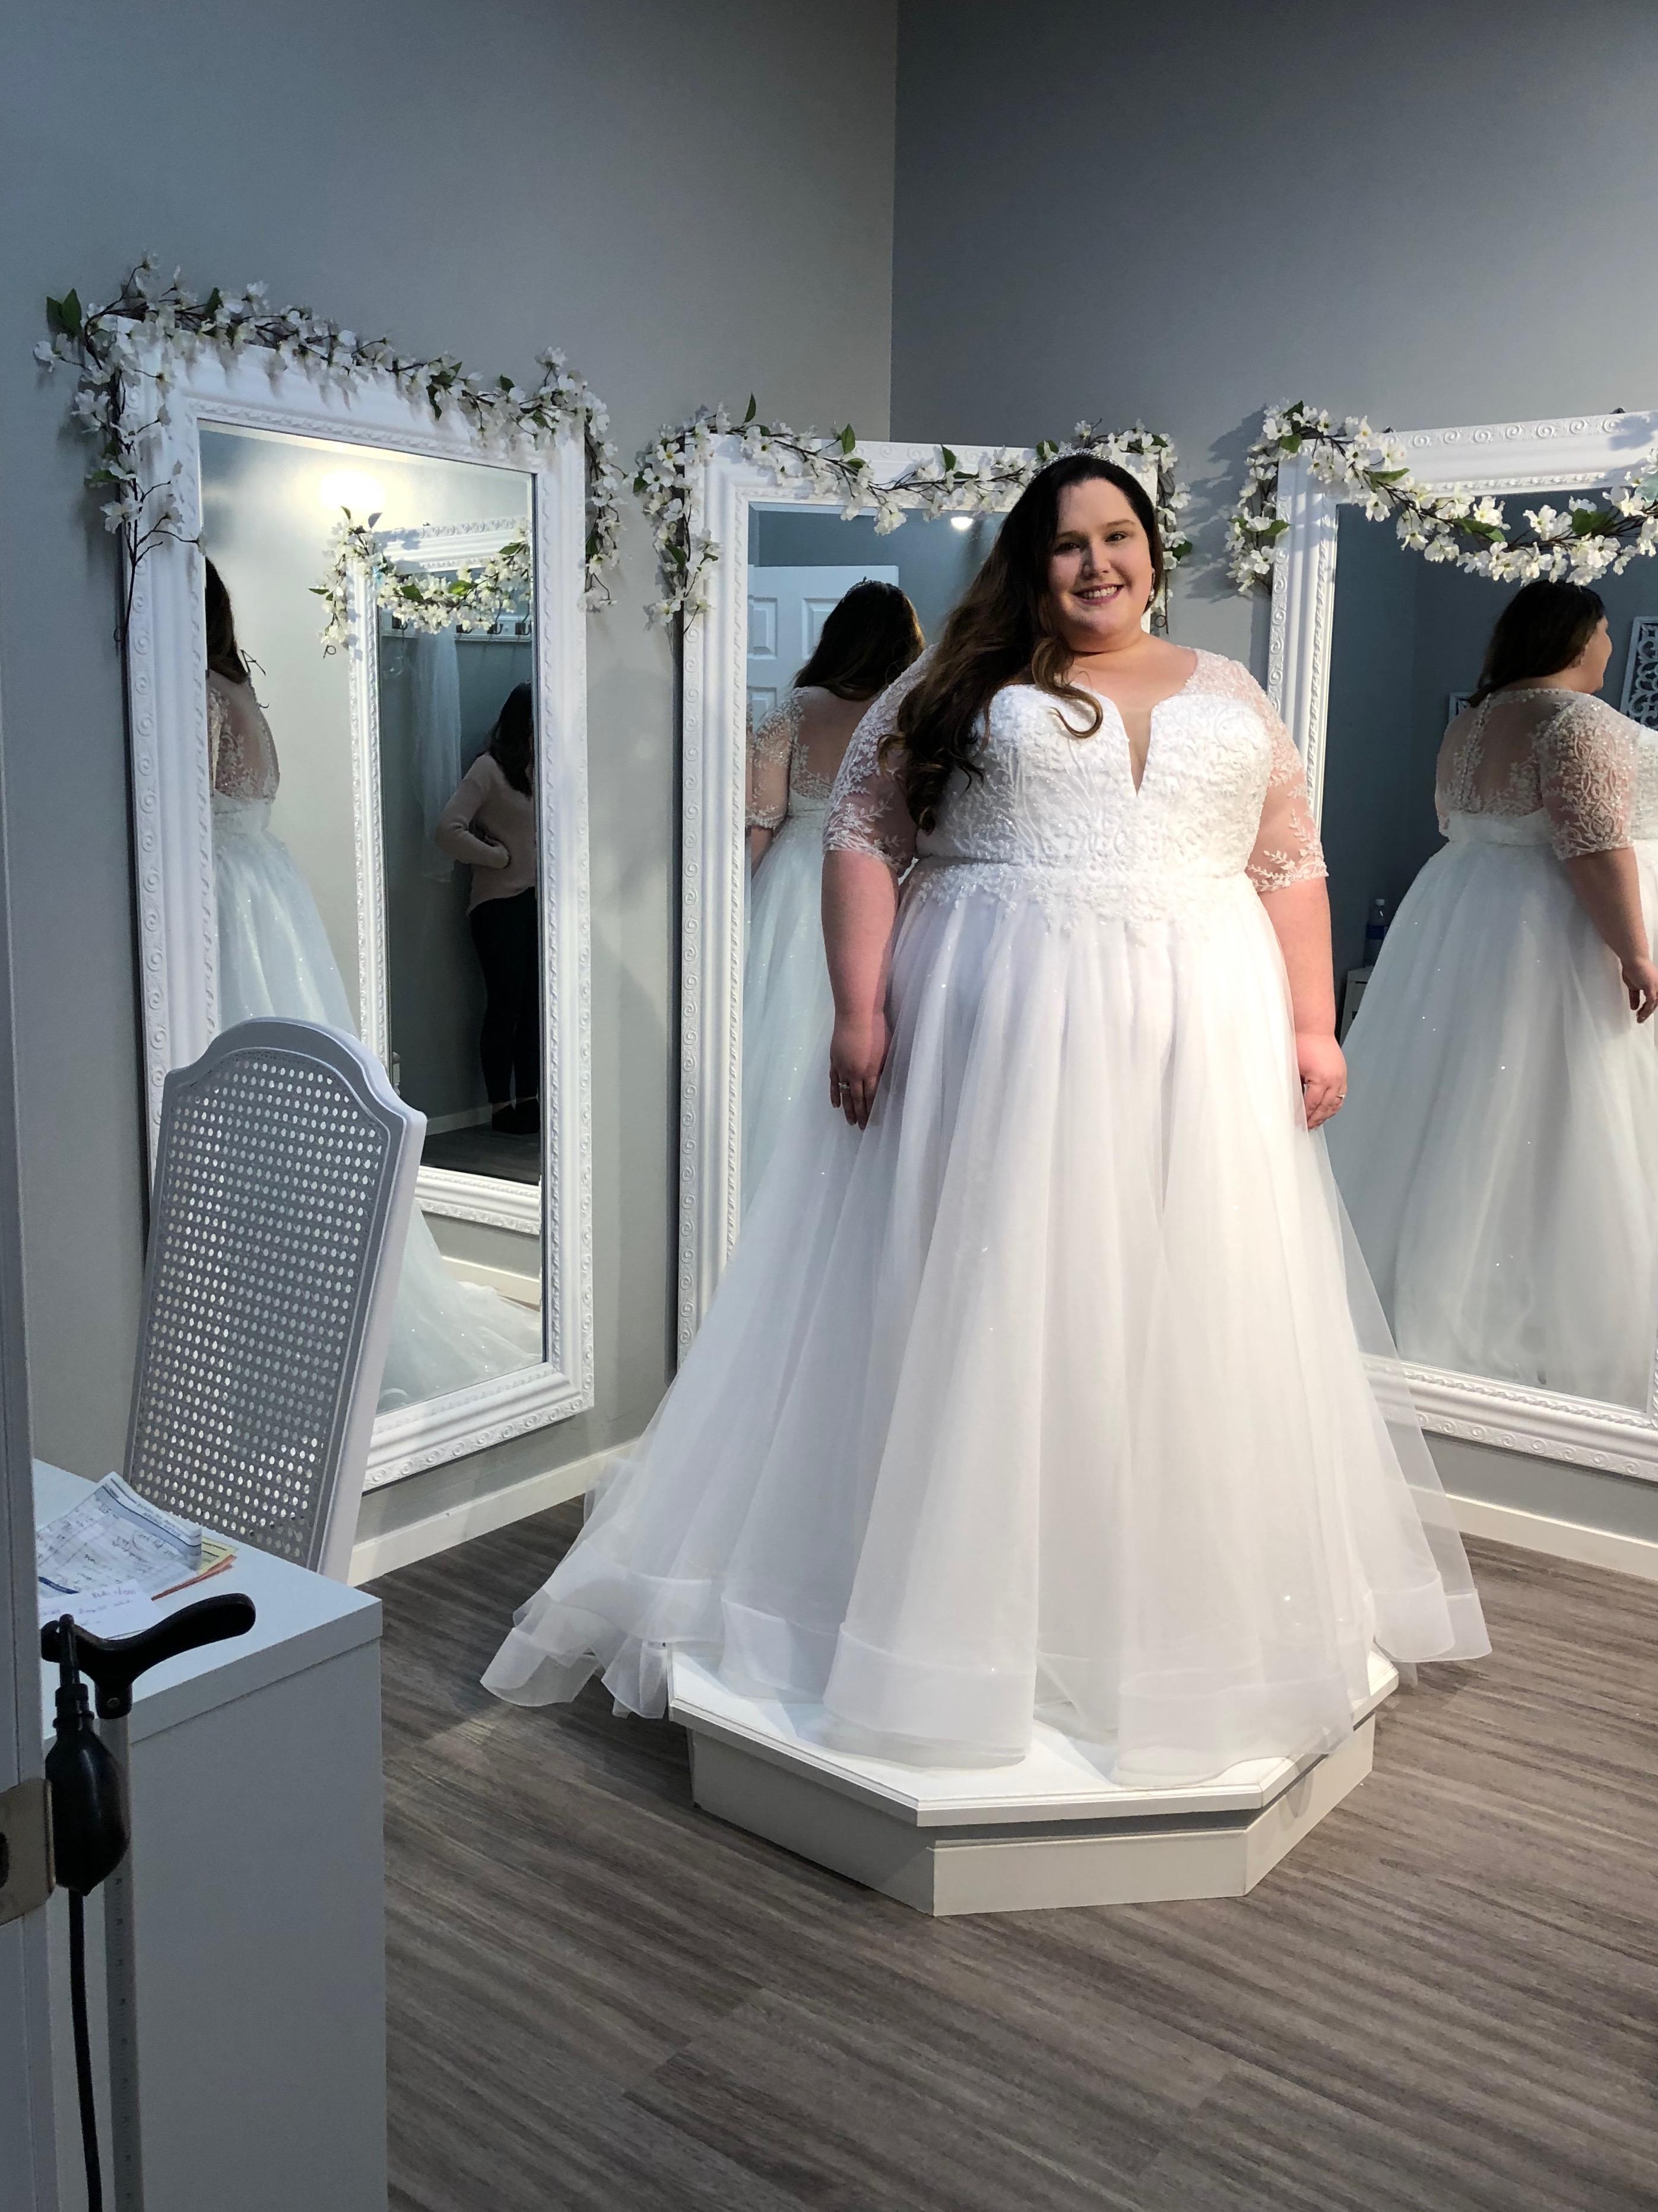 affordeluxewpg bride